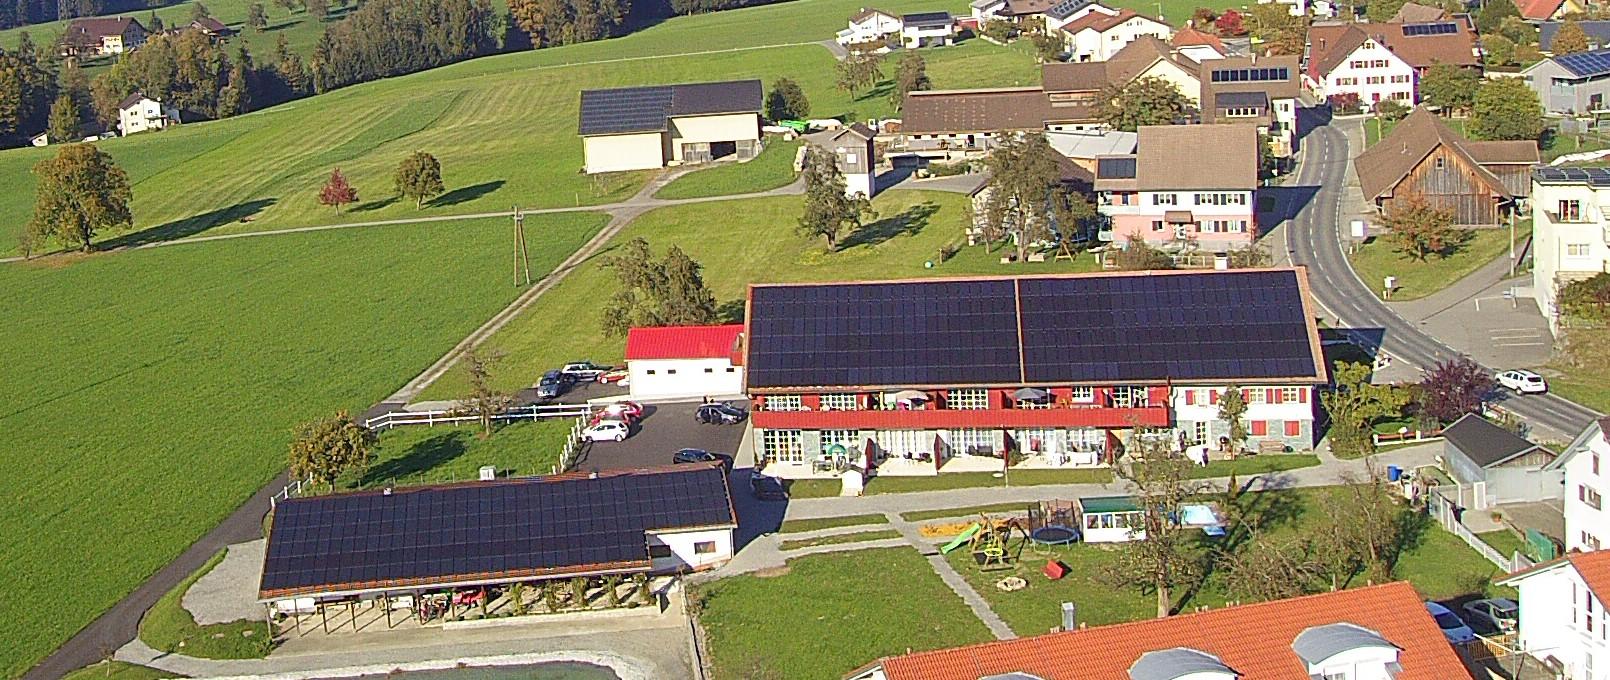 99,2 kWp ET-Solar, Hohenweiler